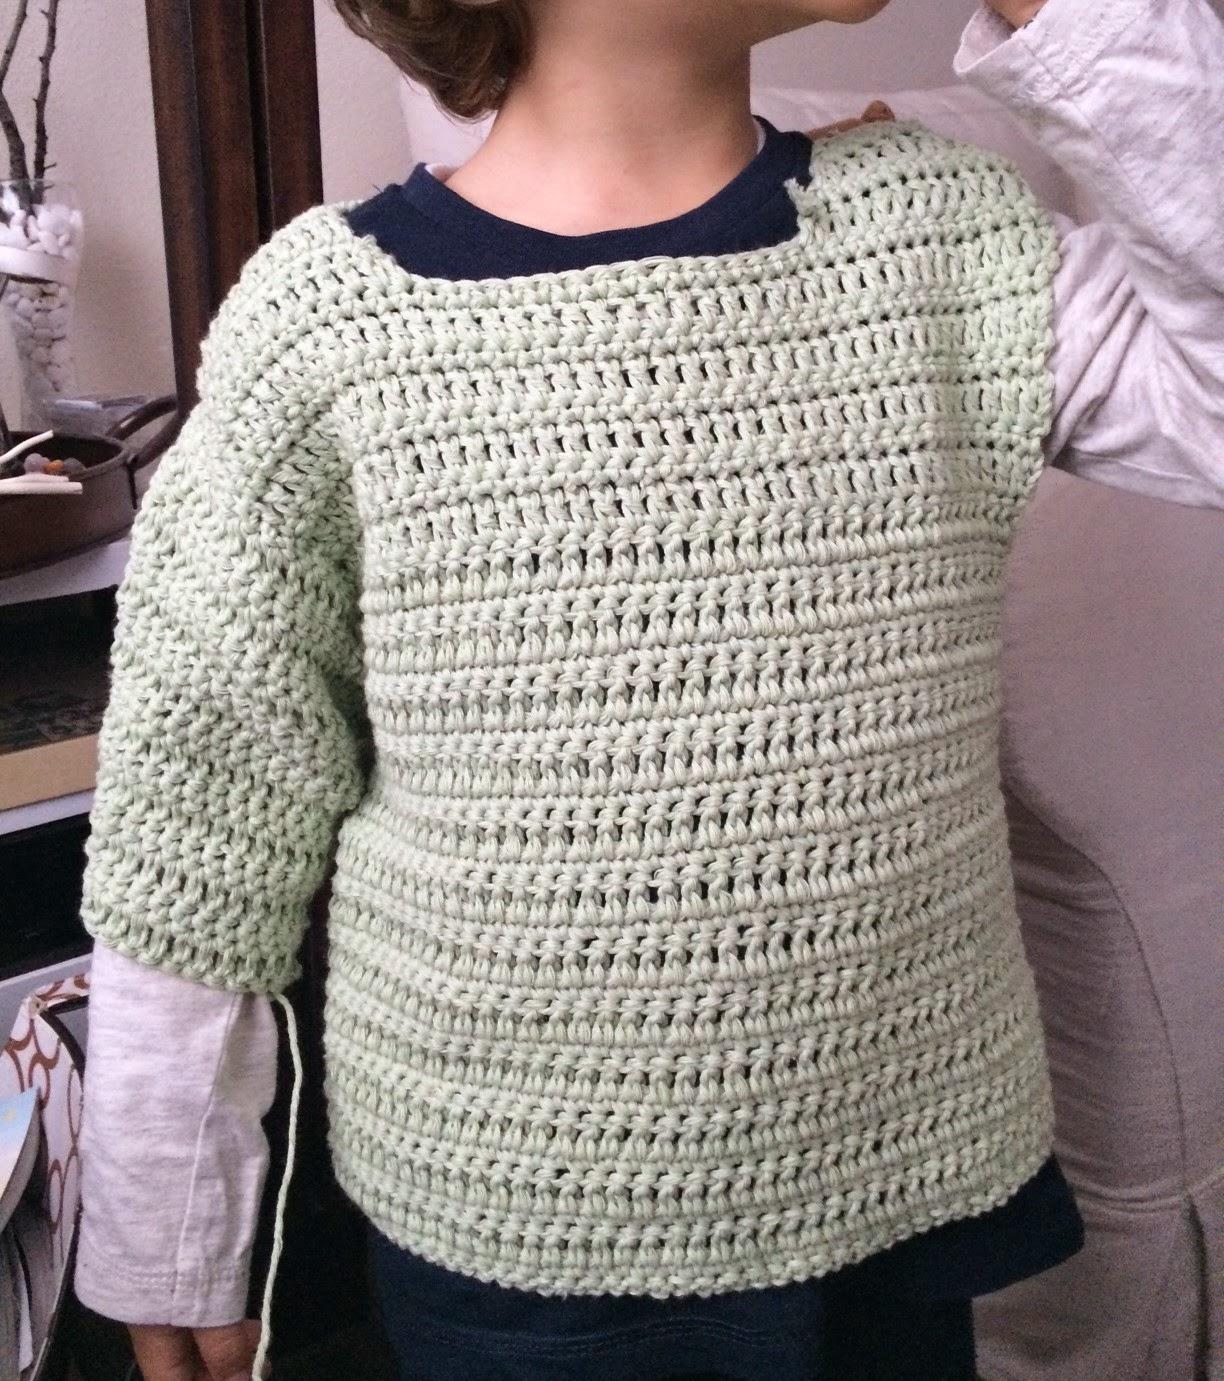 Dorable Niño Patrón Suéter Crochet Cresta - Manta de Tejer Patrón de ...